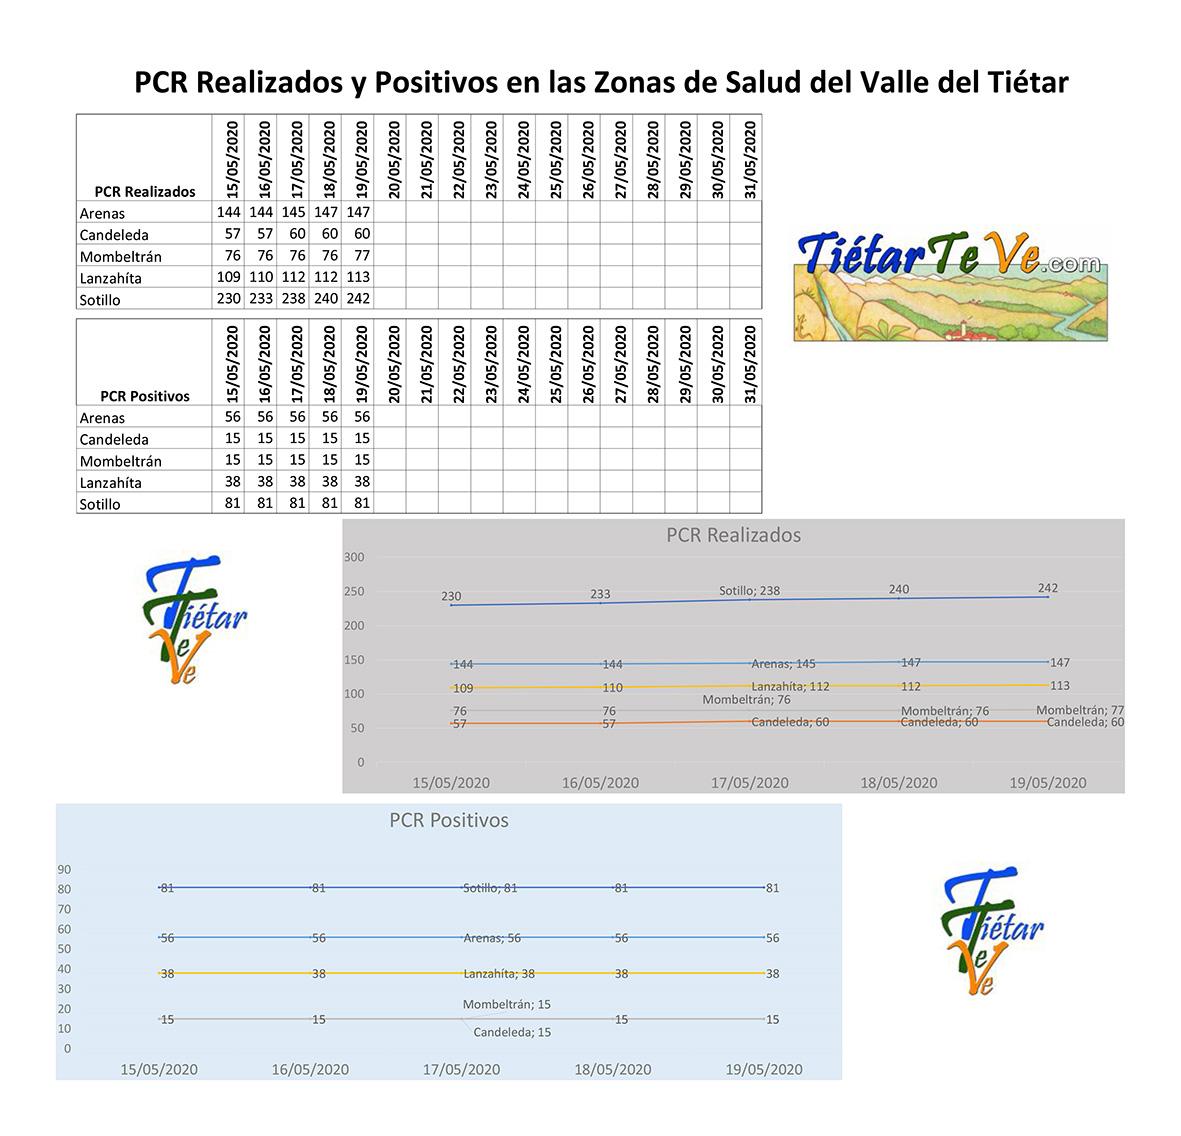 2020-05-19 Casos Coronavirus en Tietar - TiétarTeVe